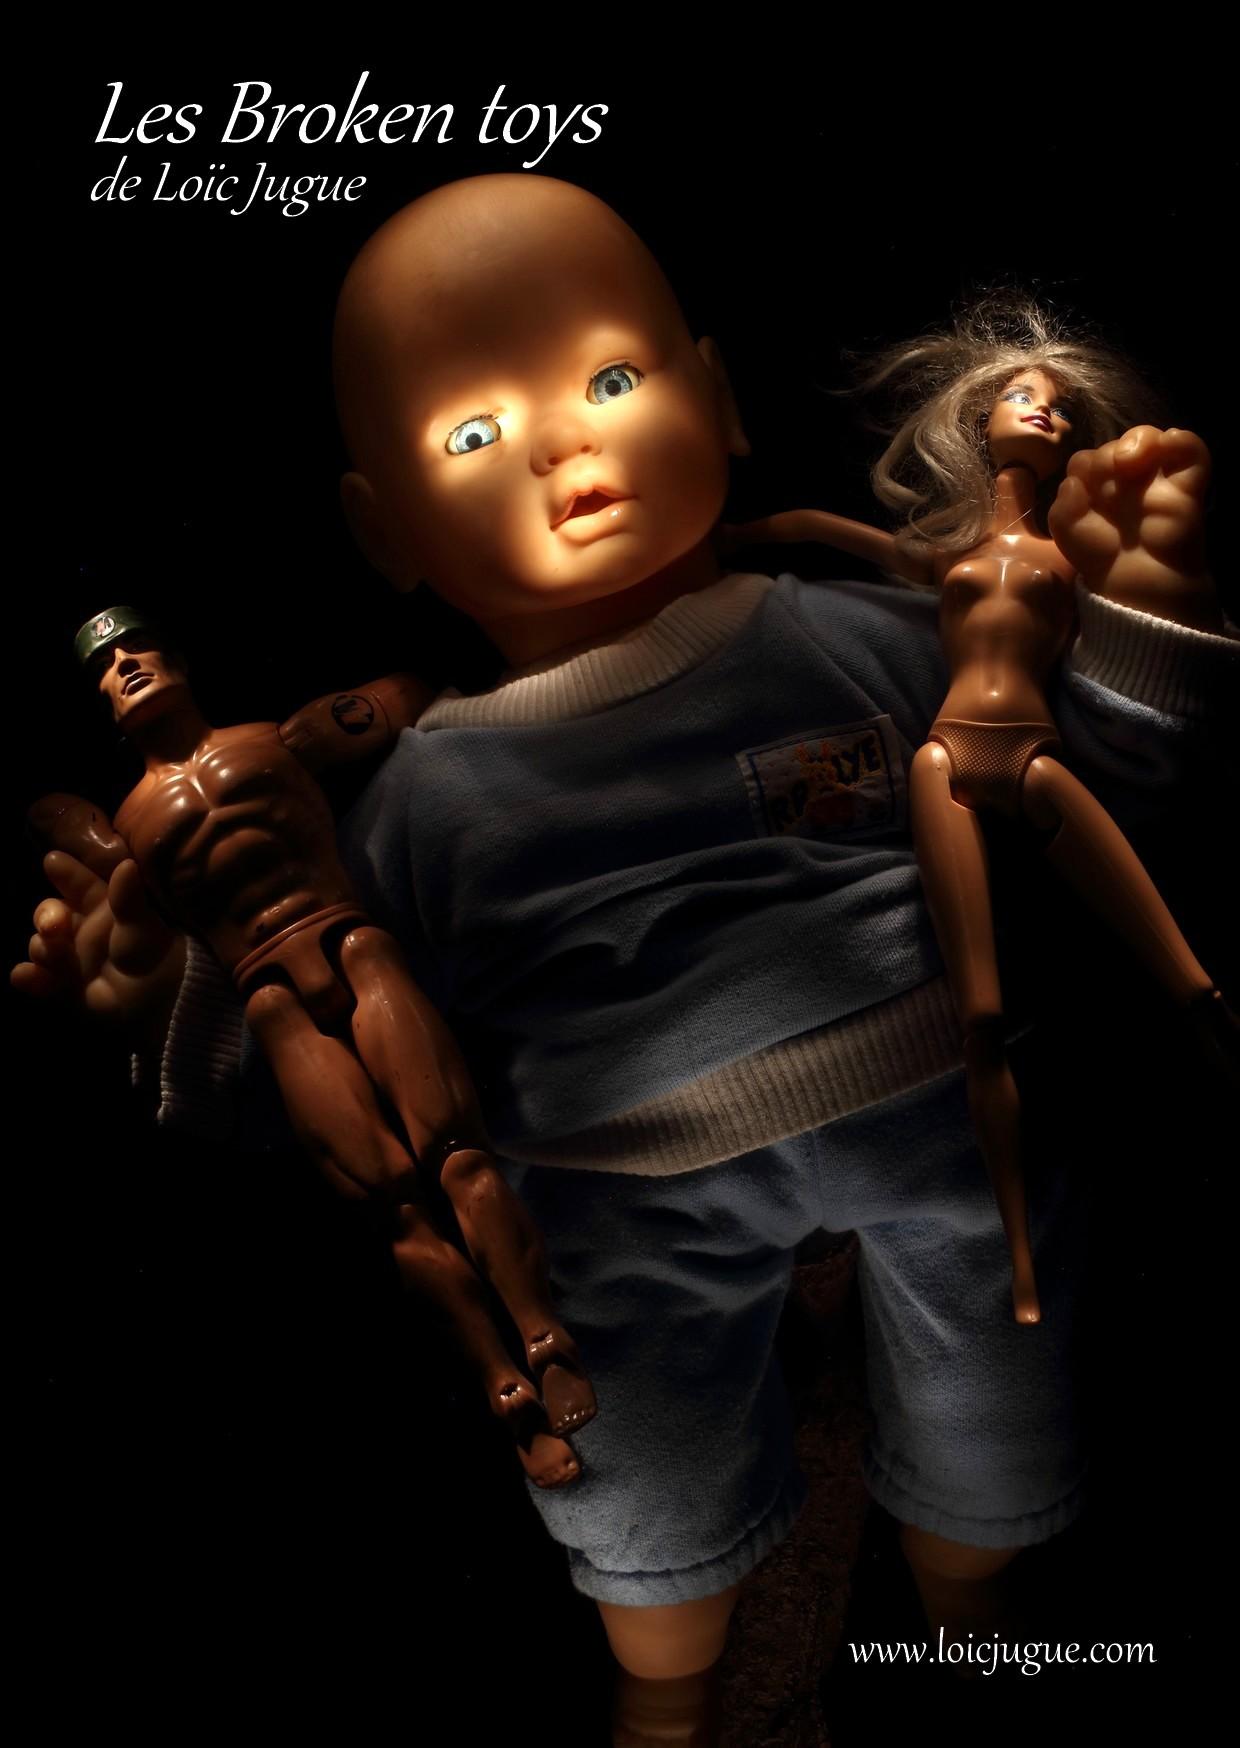 Les broken toys de Loïc Jugue:  L'avenir de l'humanité